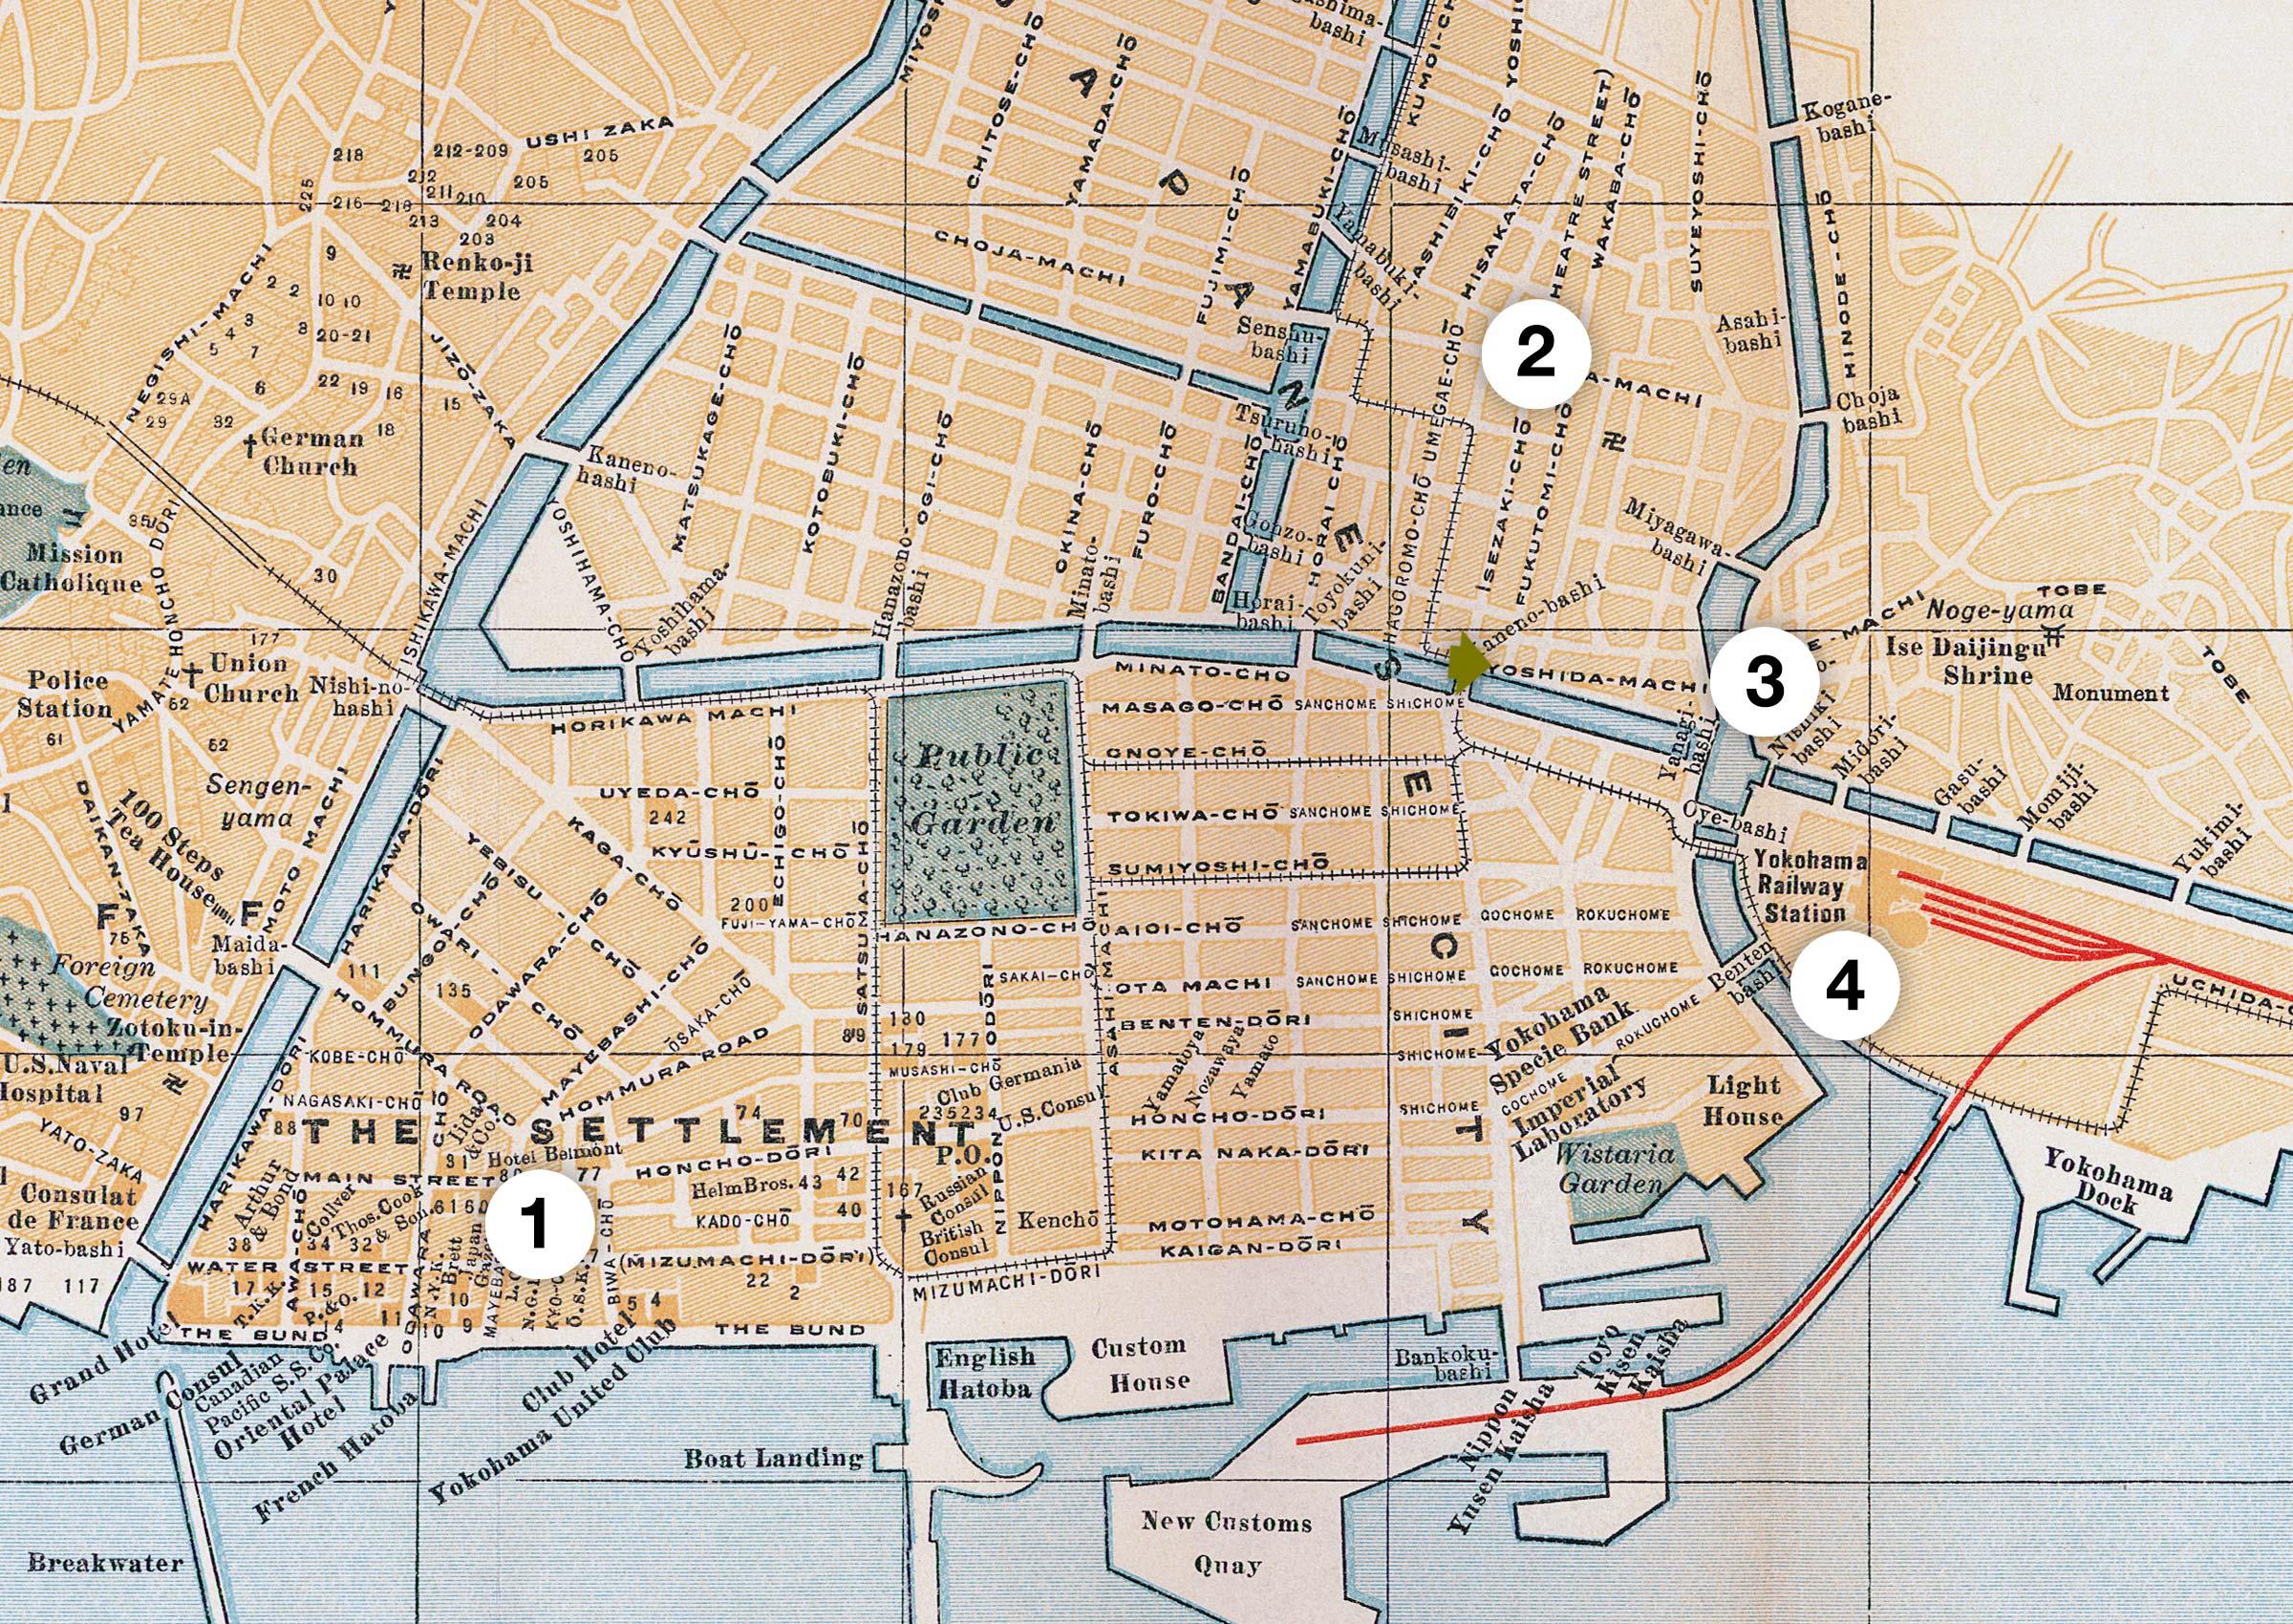 Map of Yokohama 1890